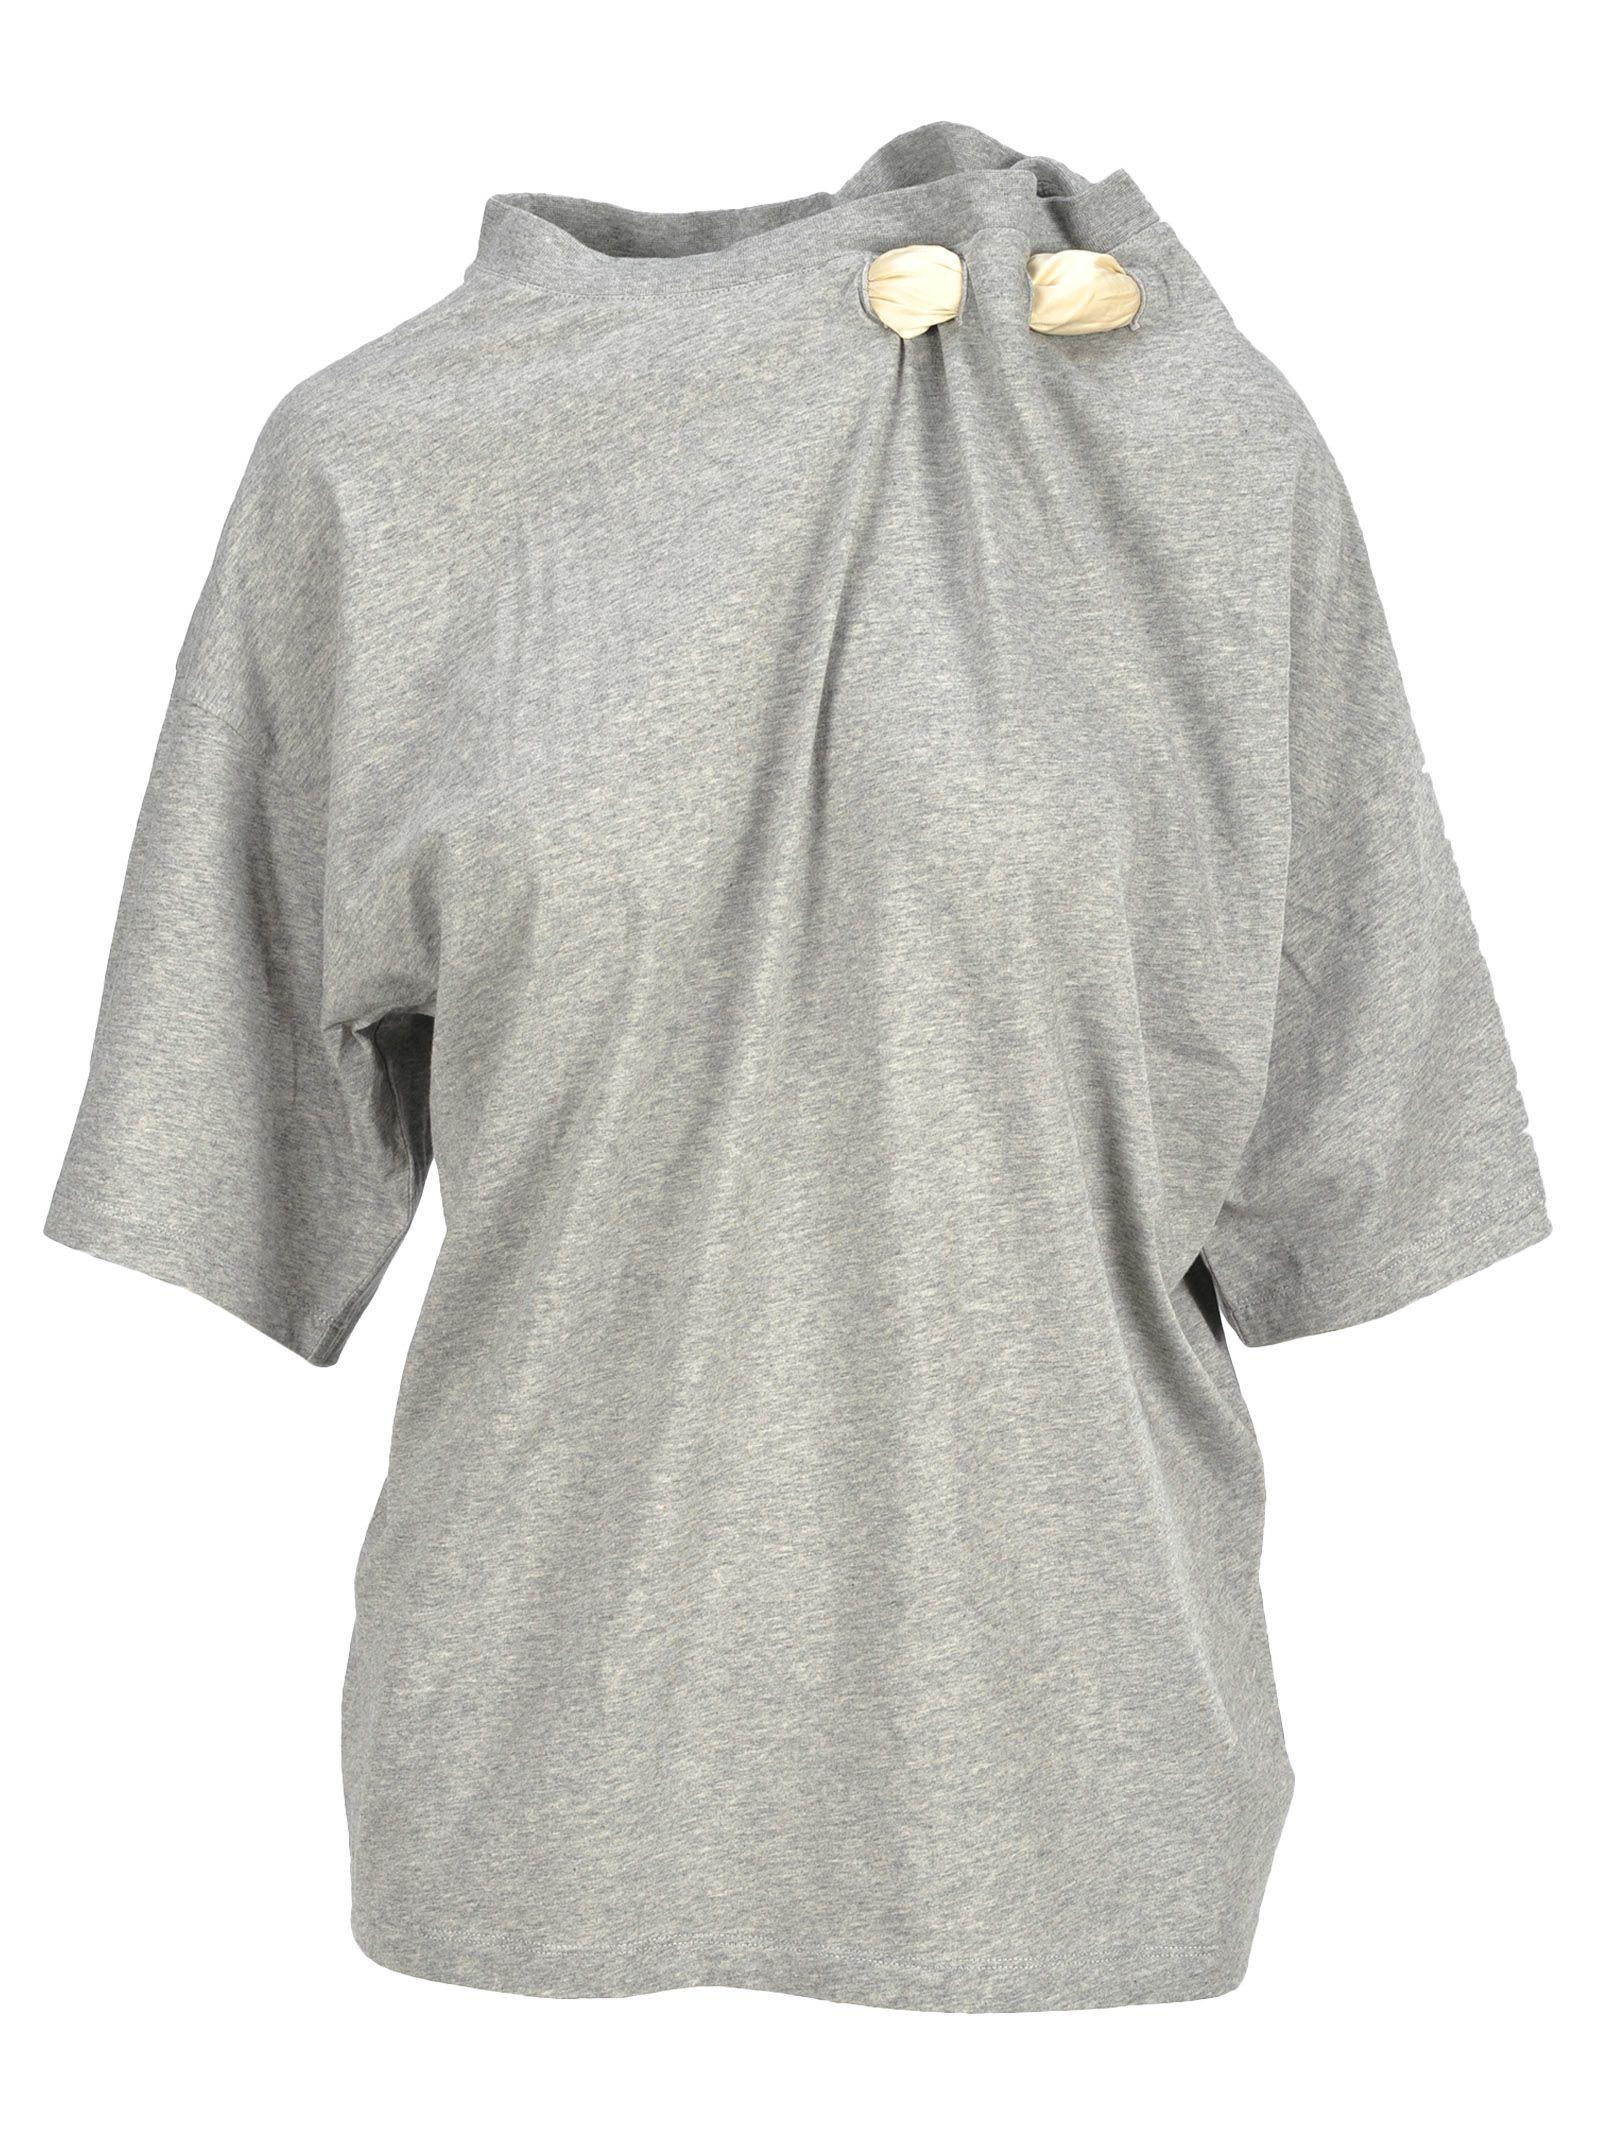 Y/project Scarf Tshirt